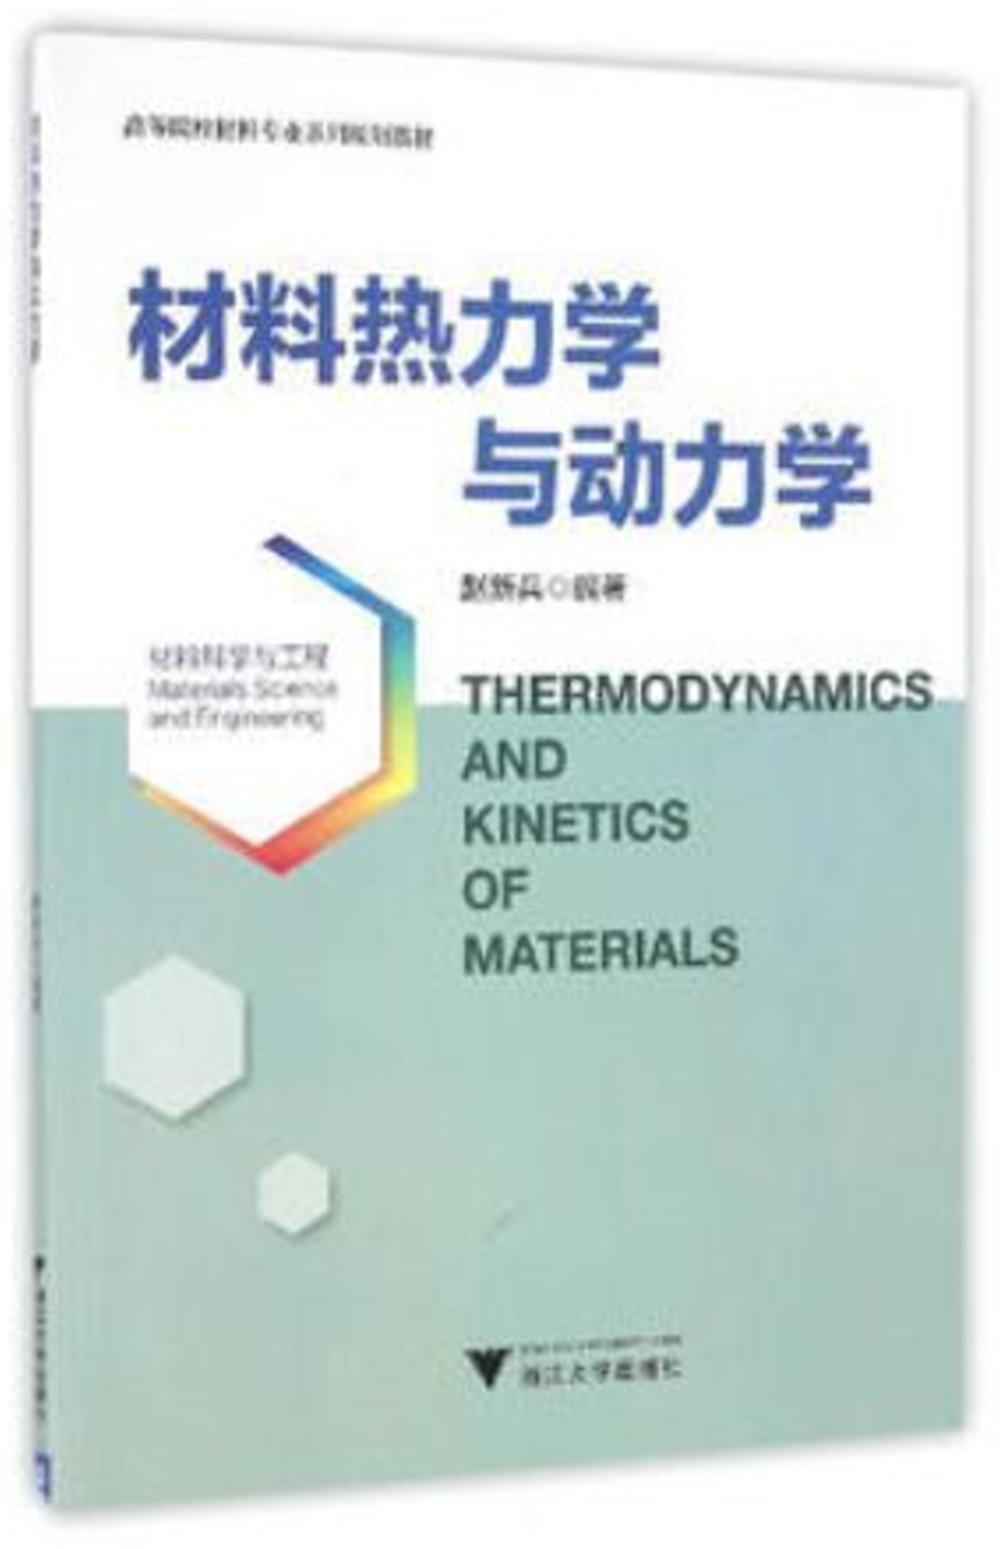 材料熱力學與動力學